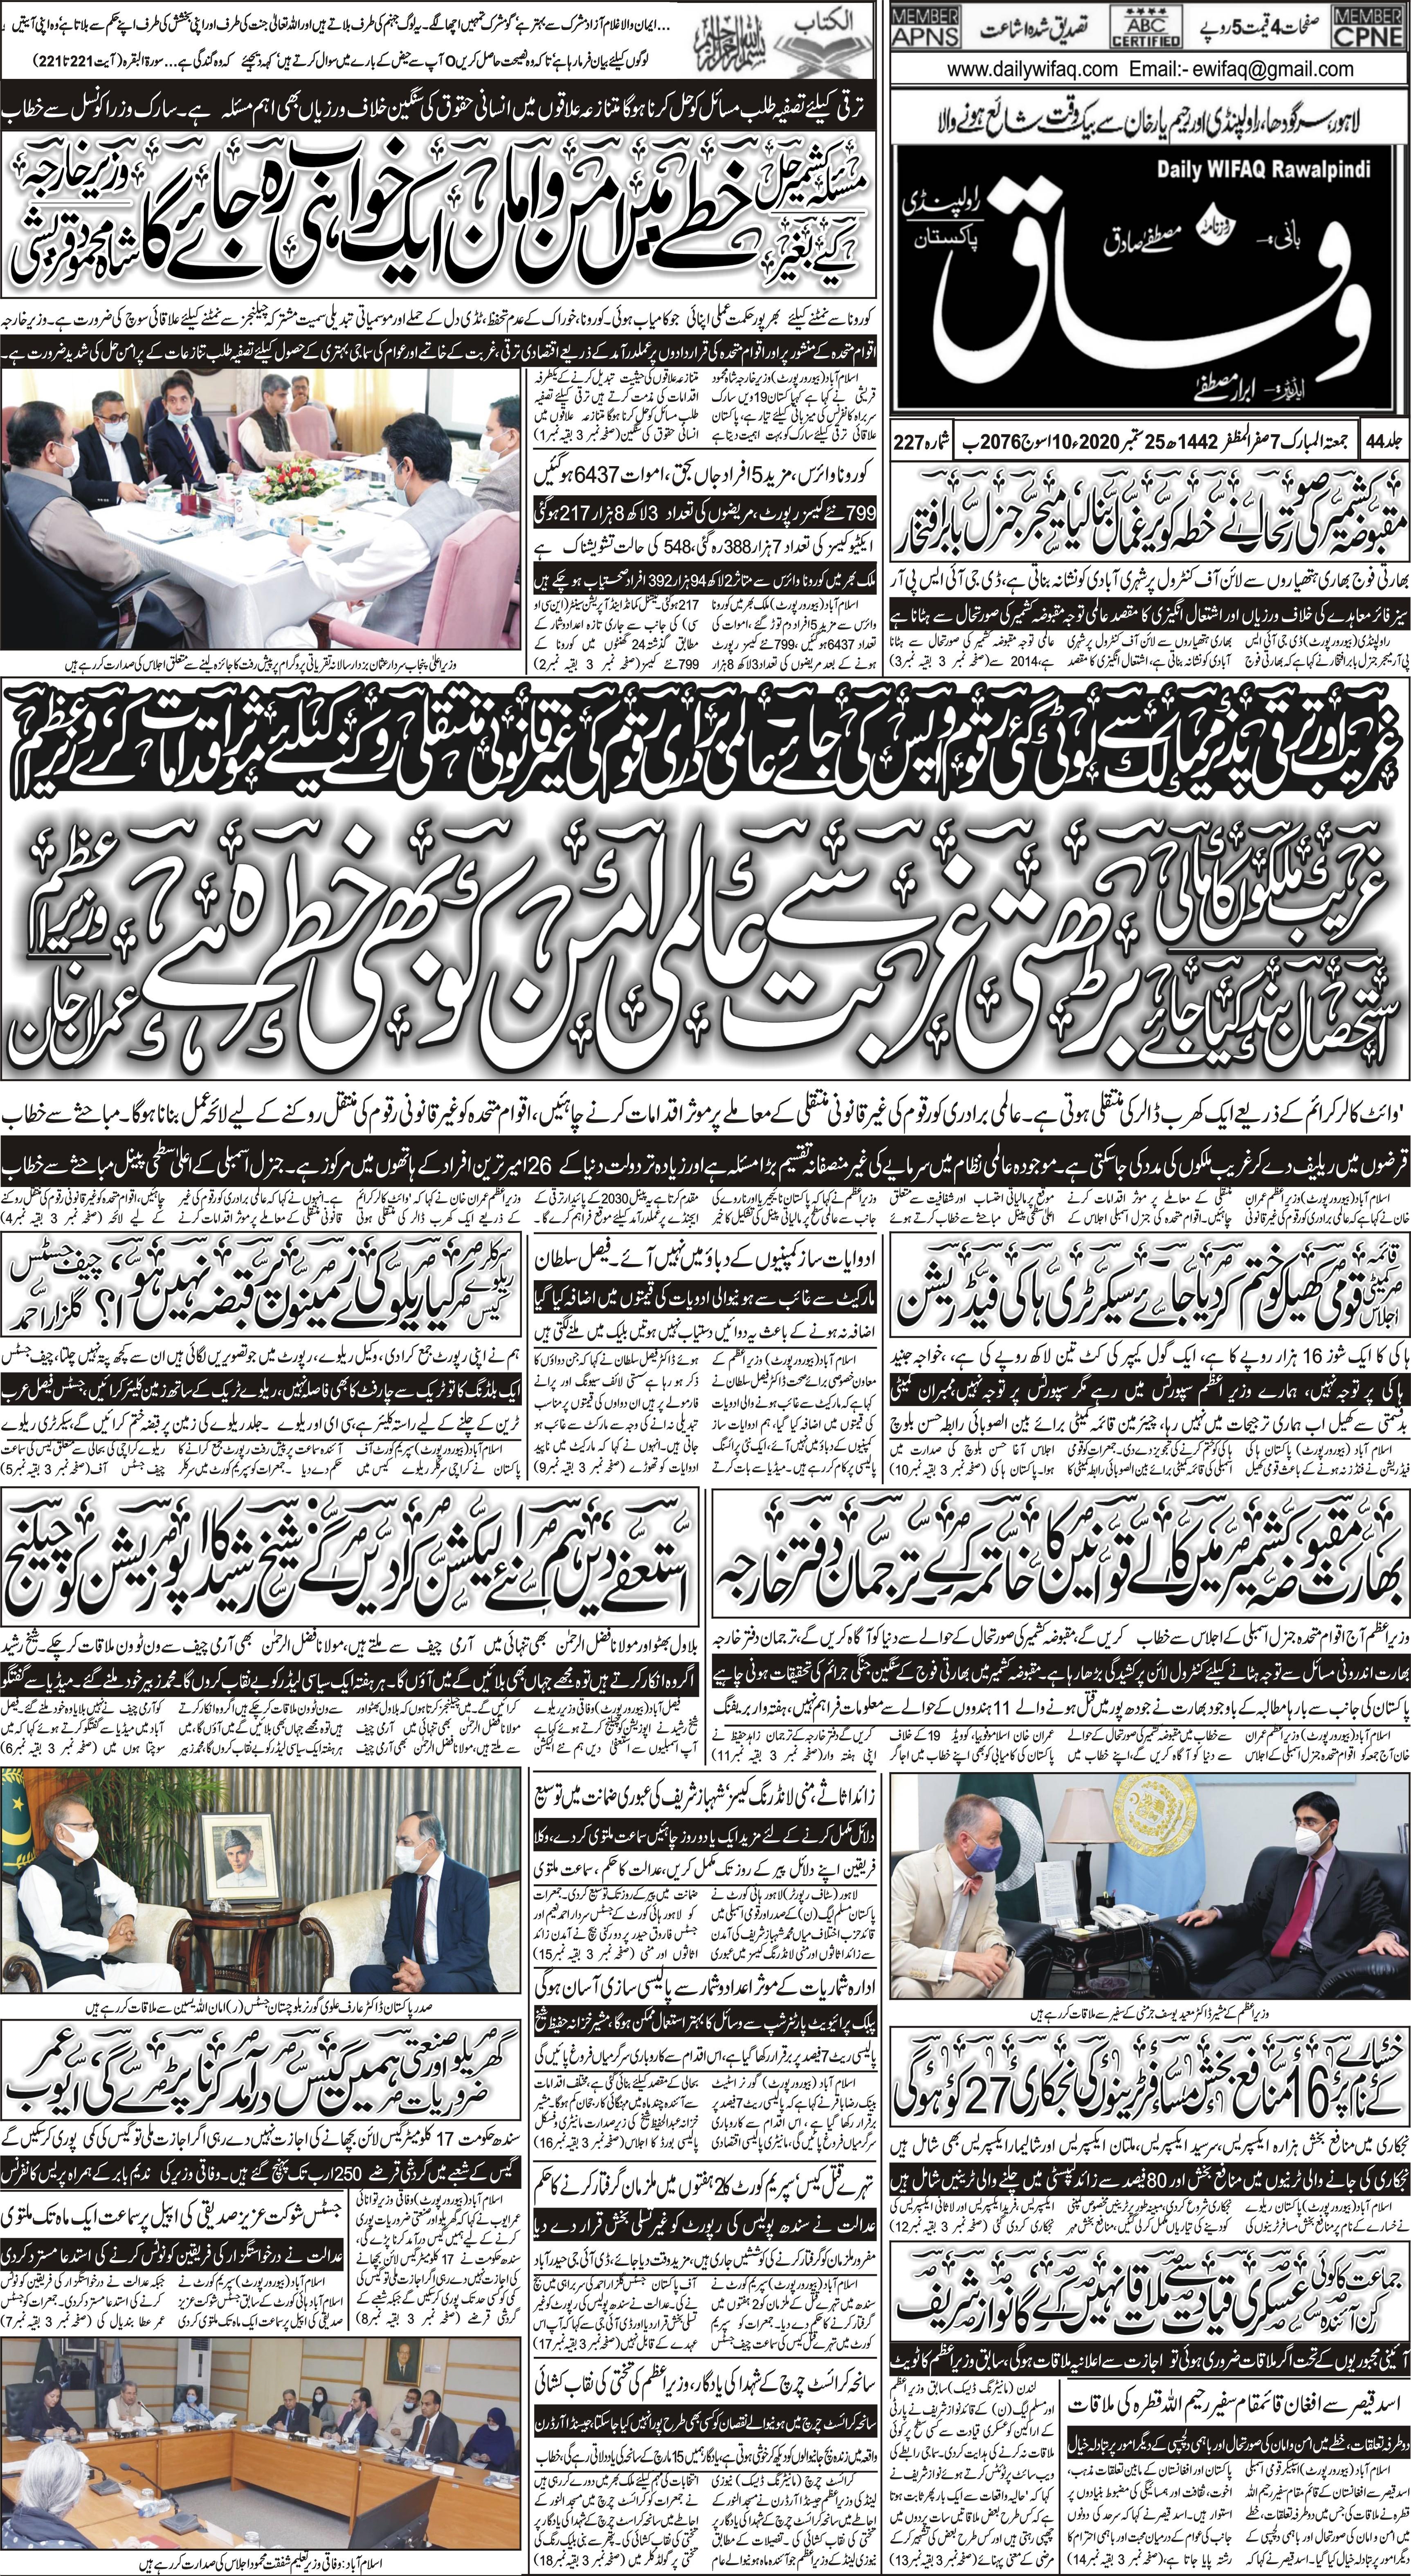 e-Paper – Daily Wifaq – Rawalpindi – 25-09-2020